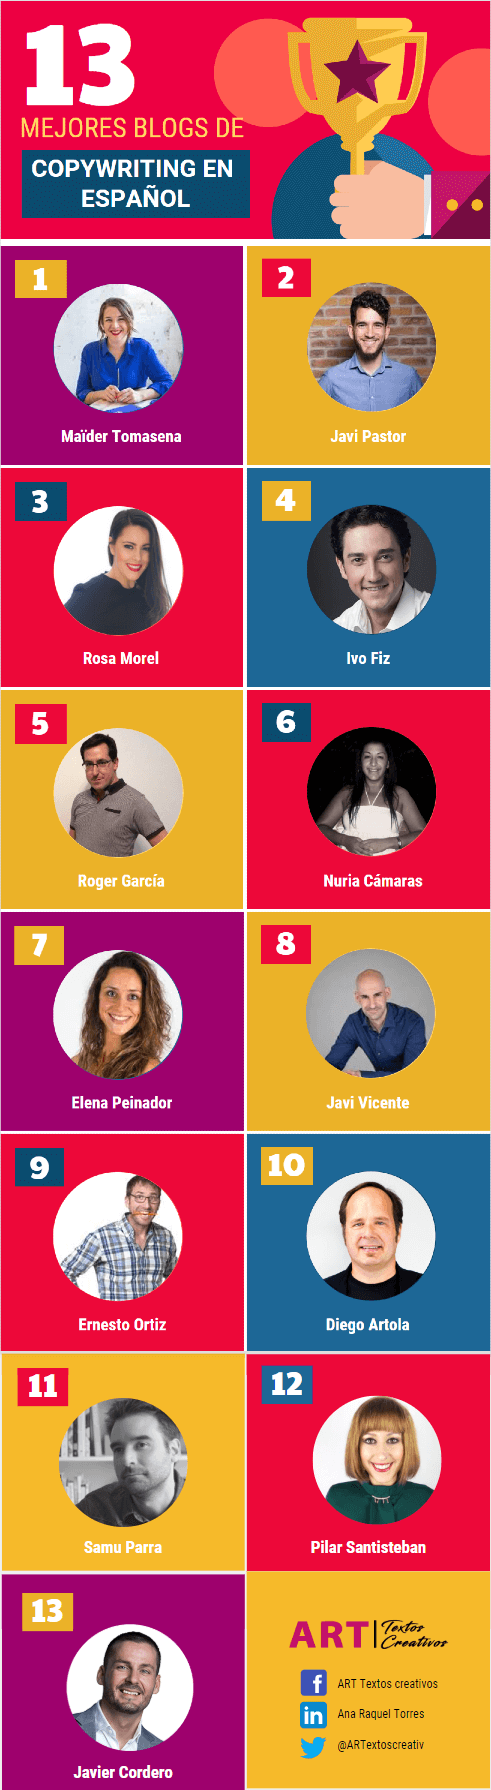 Inforgrafía de los mejores blogs de copywriting en español